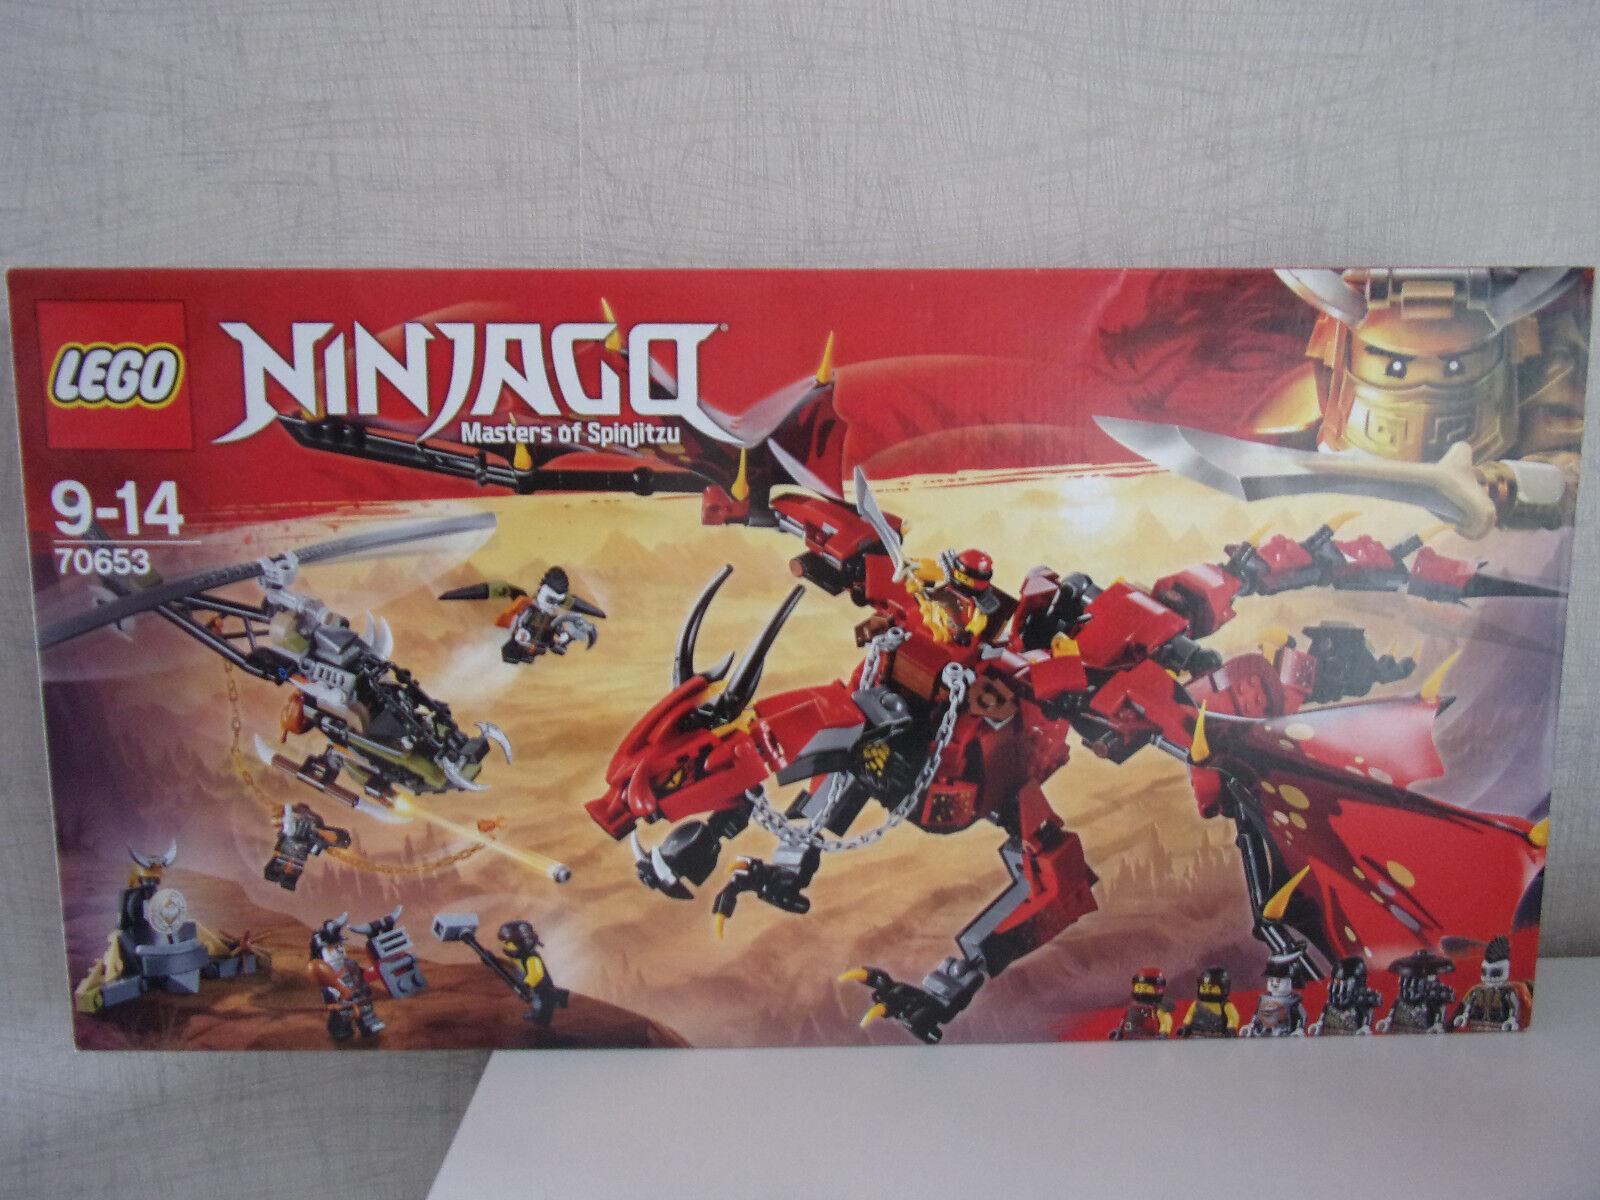 Lego Ninjago  Master Of Spinjitzu  70653 Madre Der Aquilone -